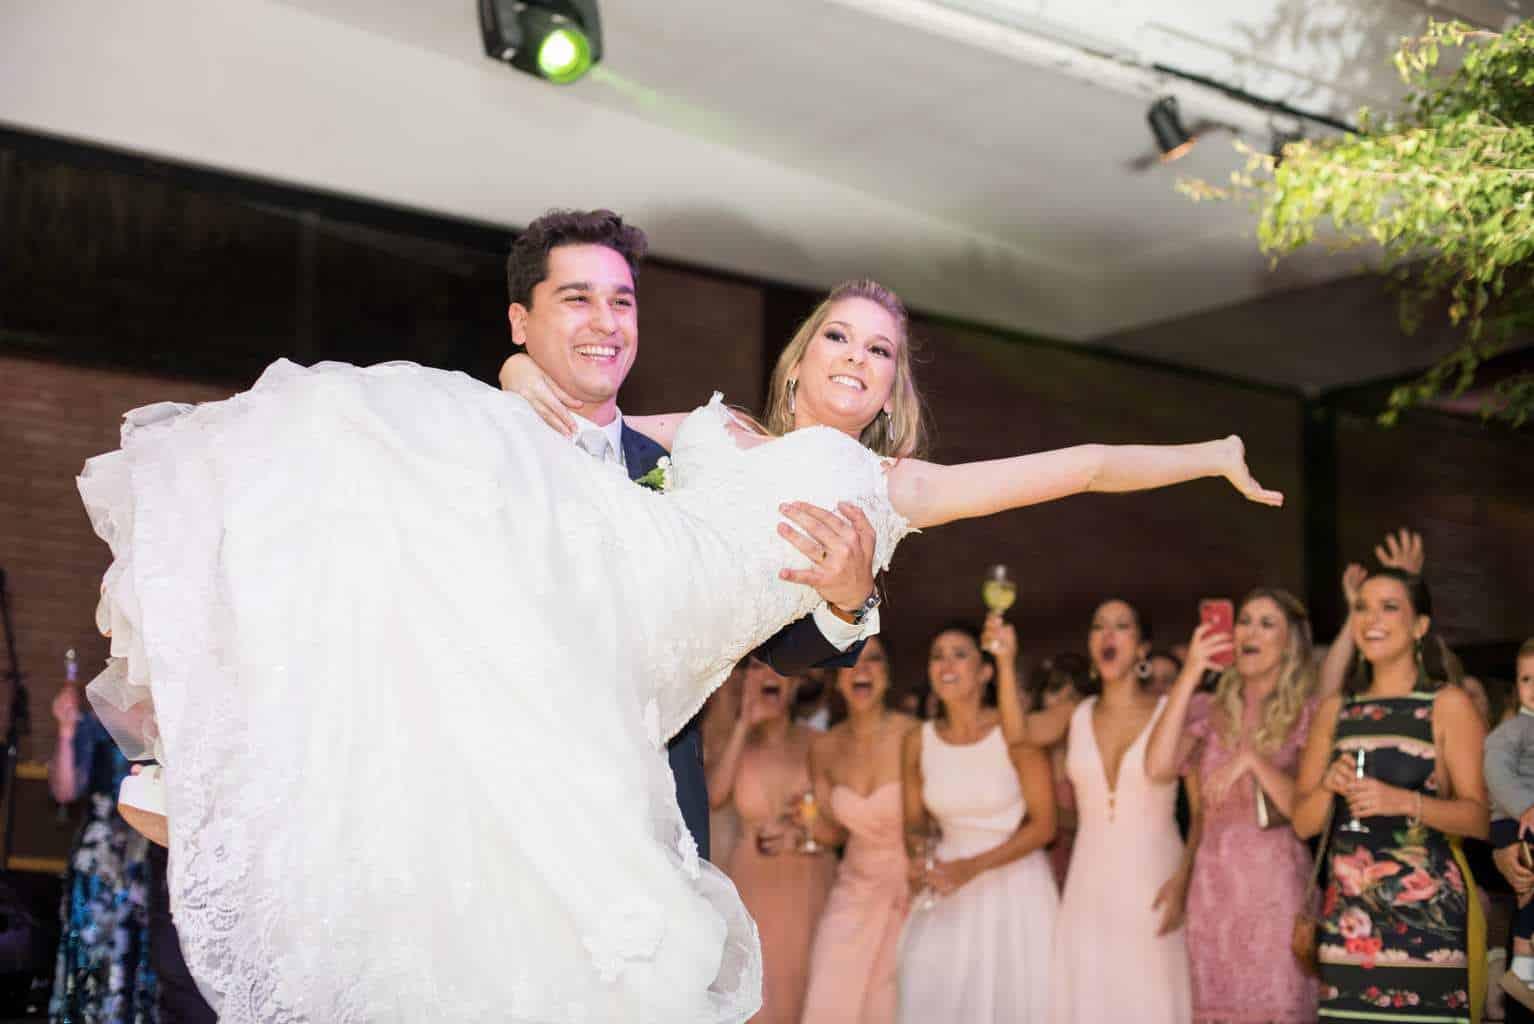 casamento-de-dia-casamento-Nicole-e-Thales-casamento-no-jardim-csasamento-ao-ar-livre-Fotografia-Marina-Fava-Galeria-Jardim-Rio-de-Janeiro-128